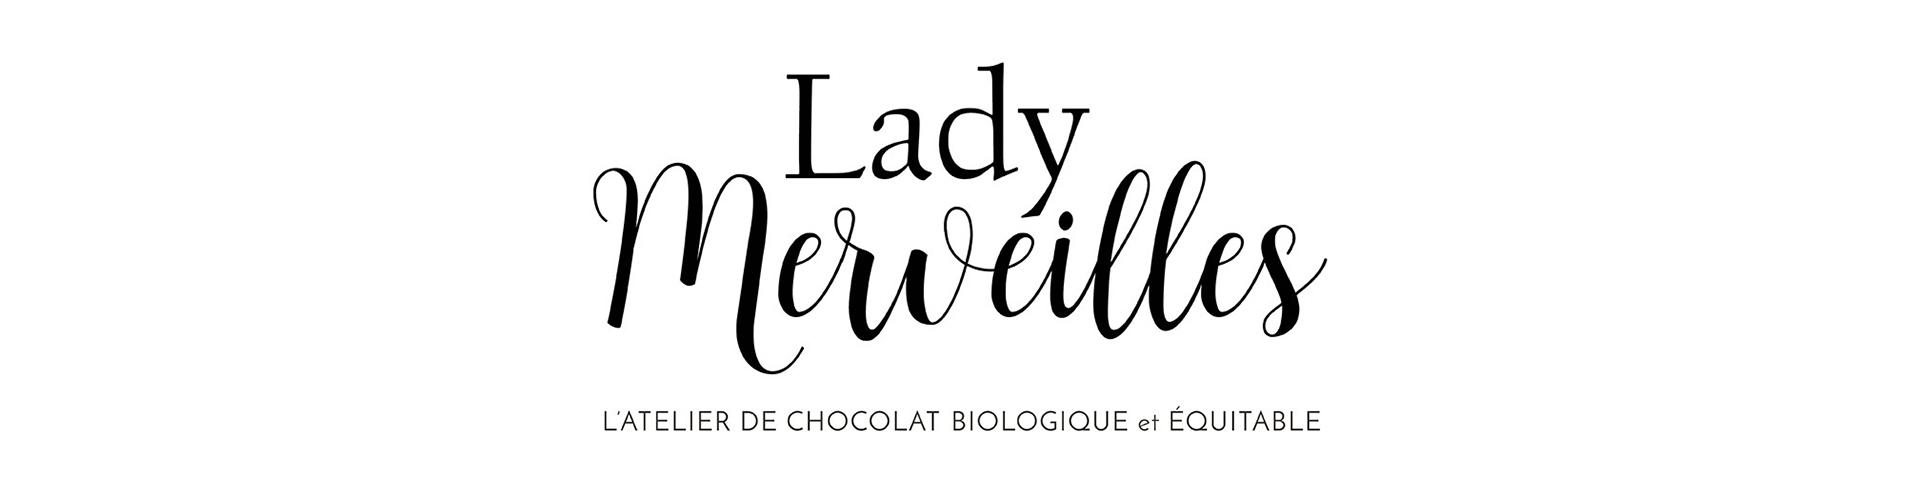 Lady Merveilles